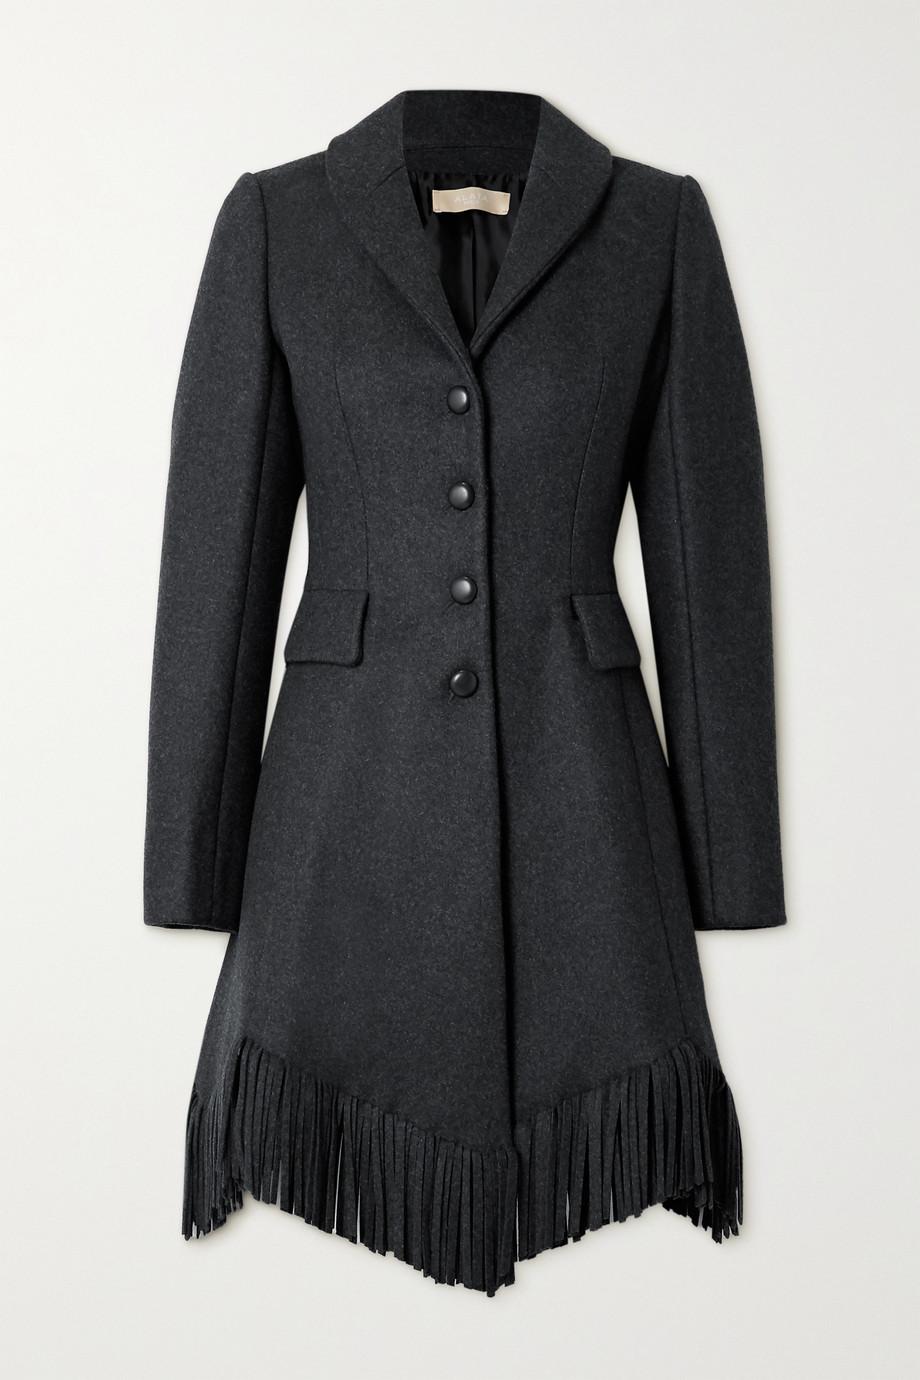 Alaïa Manteau en laine et cachemire mélangés à franges